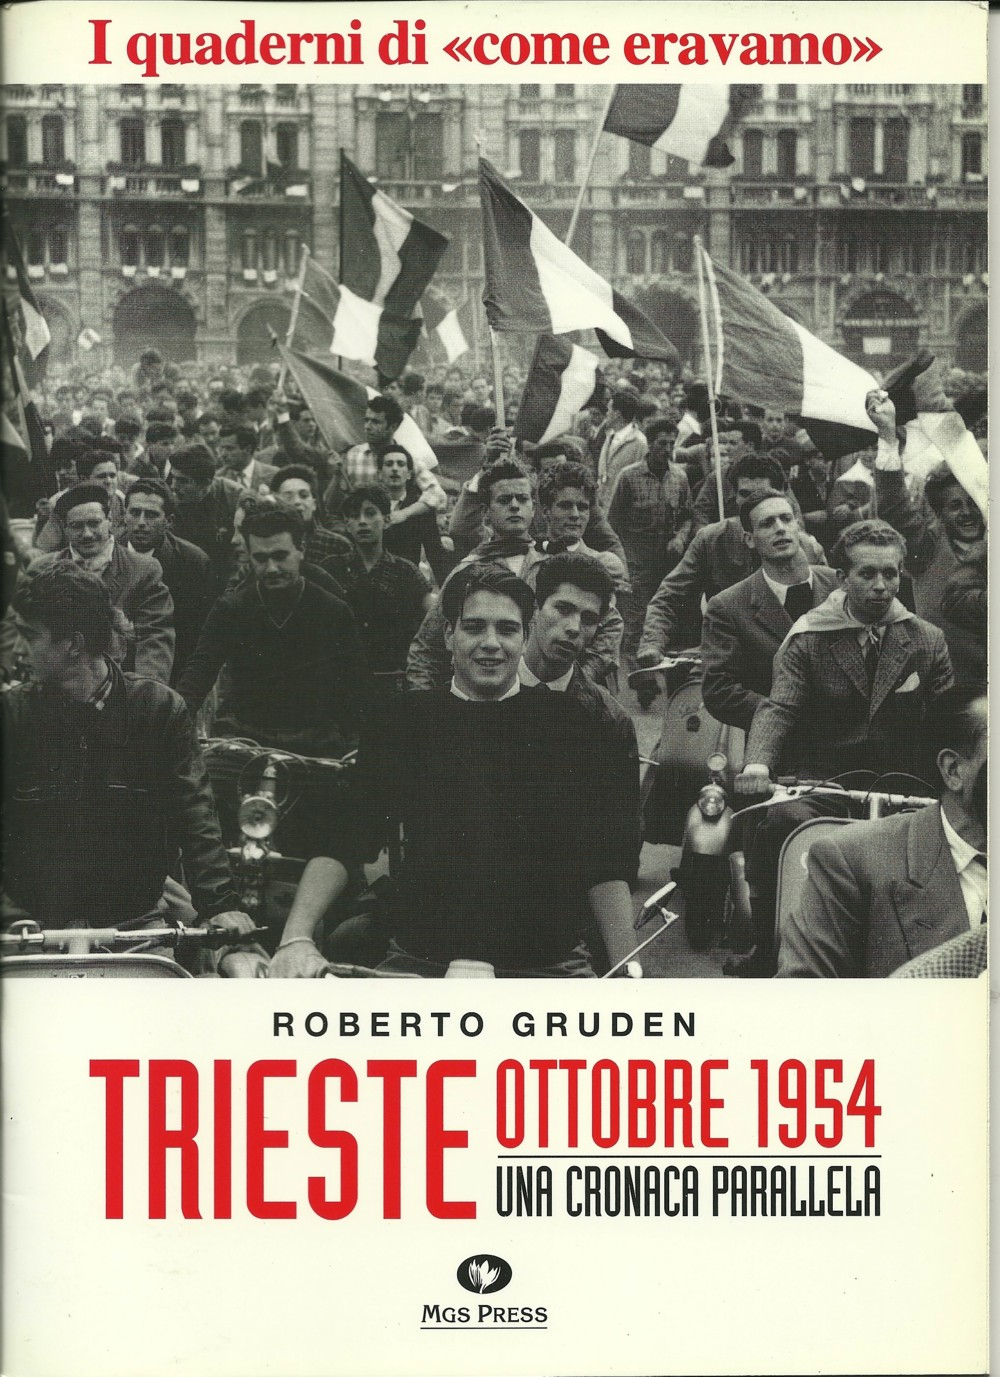 Trieste ottobre 1954 - Una cronaca parallela